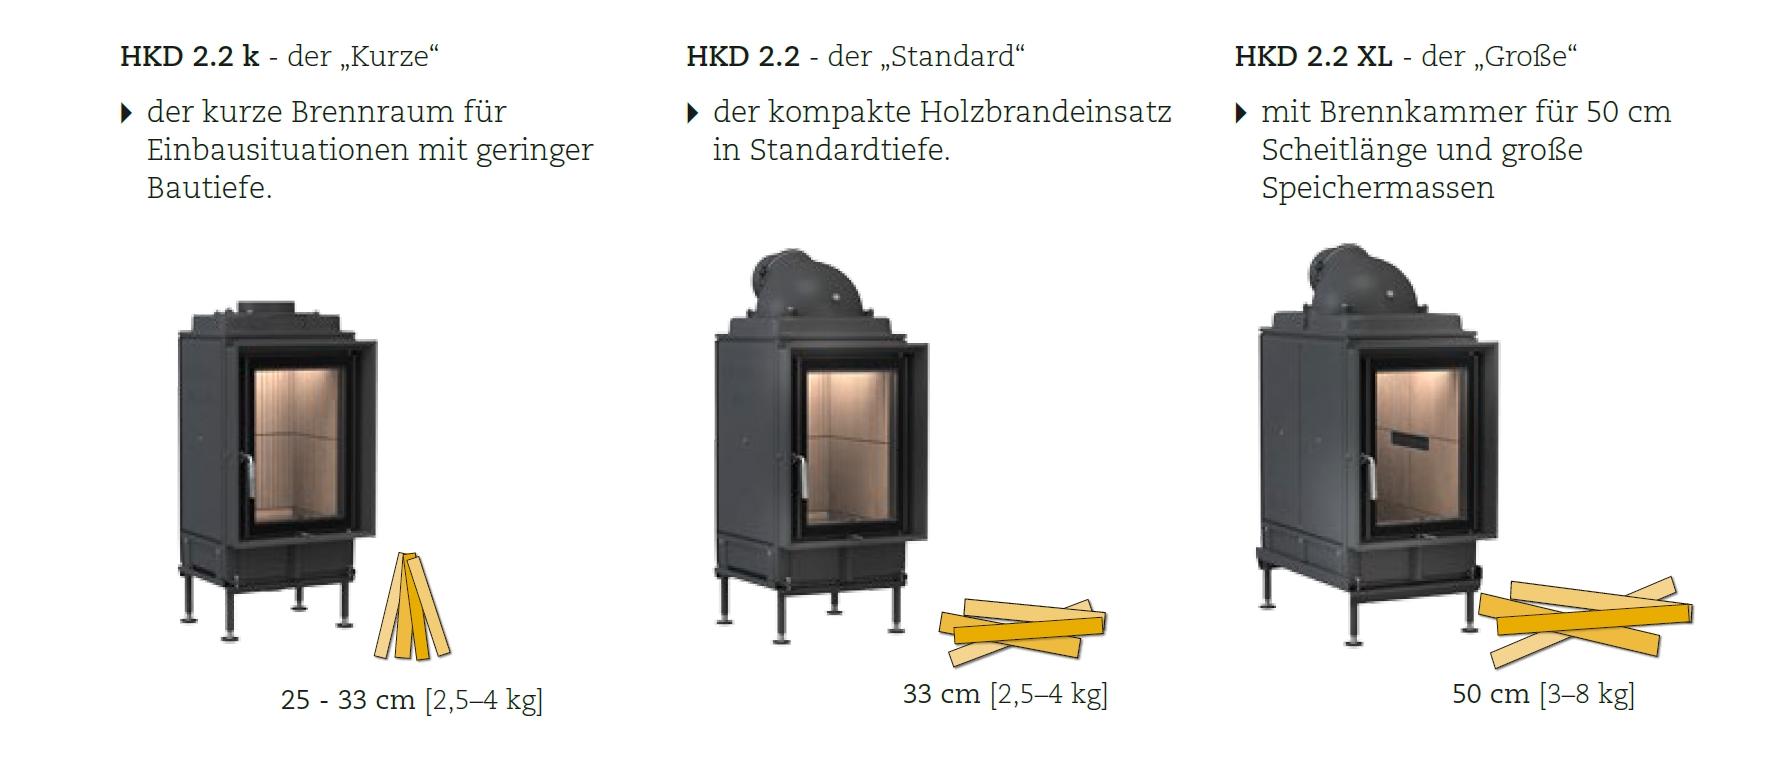 der brunner kachelofeneinsatz mit einem hkd 2 2 oder hkd 4 1 heizeinsatz ist die beste wahl. Black Bedroom Furniture Sets. Home Design Ideas